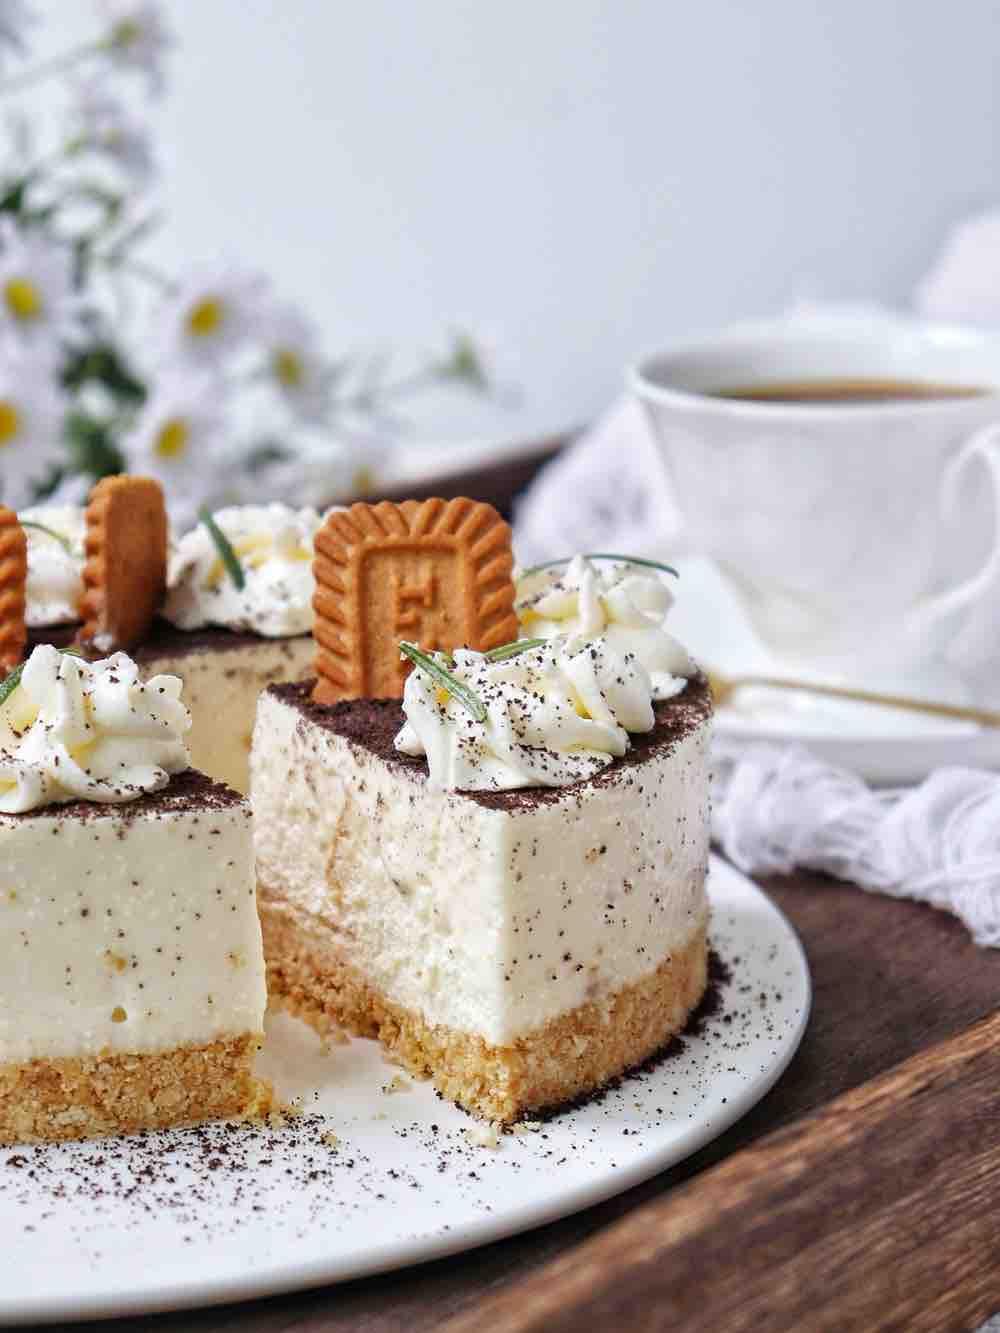 焦糖冻芝士蛋糕